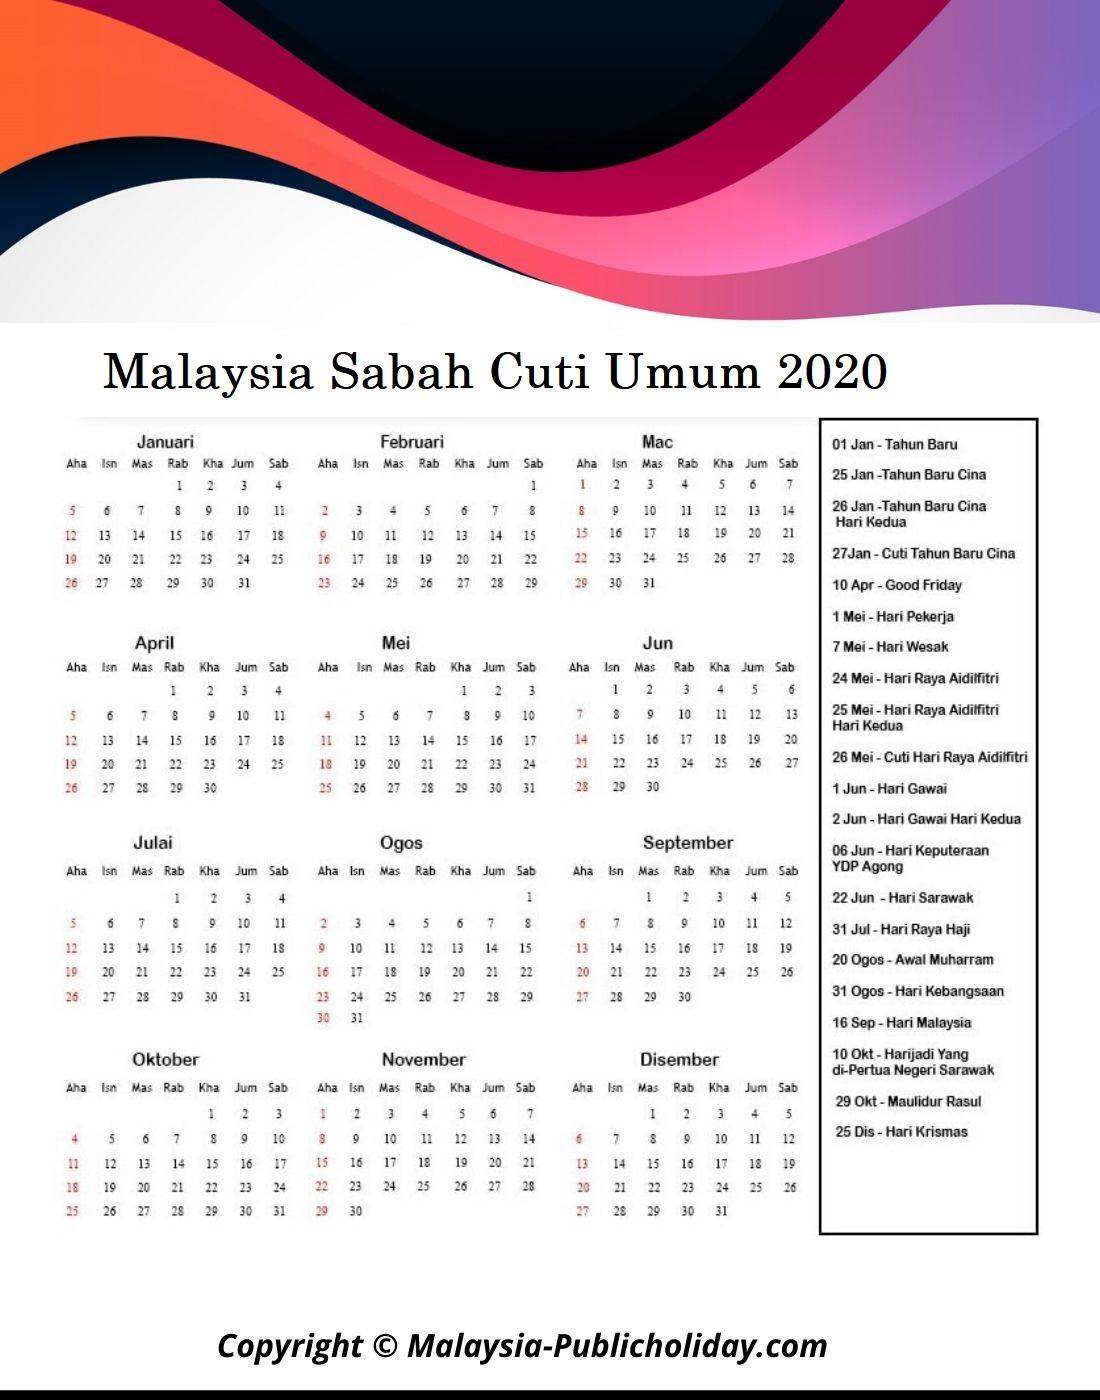 Cuti Umum Sabah 2020